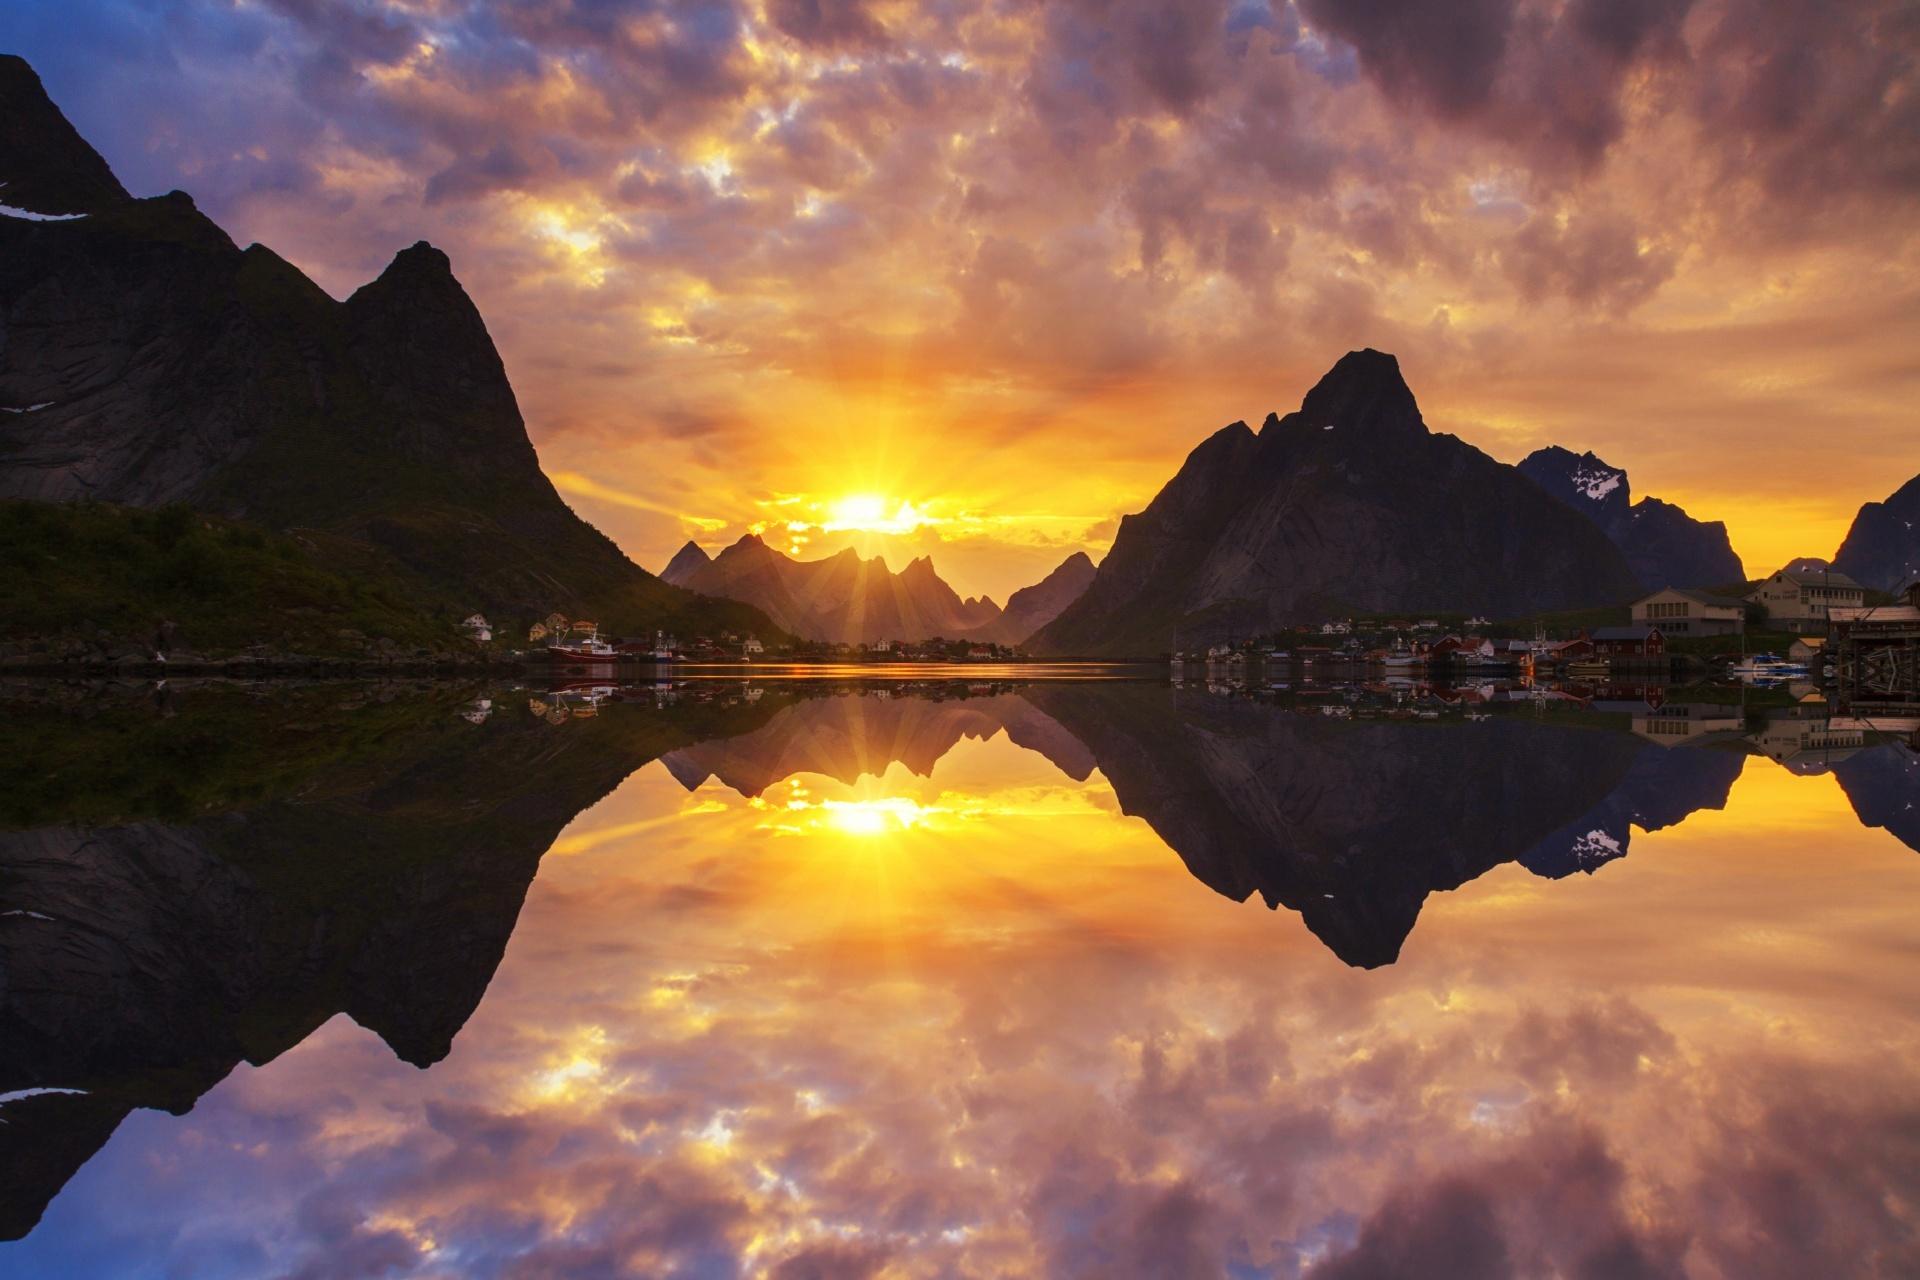 ロフォーテン諸島の夕日 ノルウェーの風景